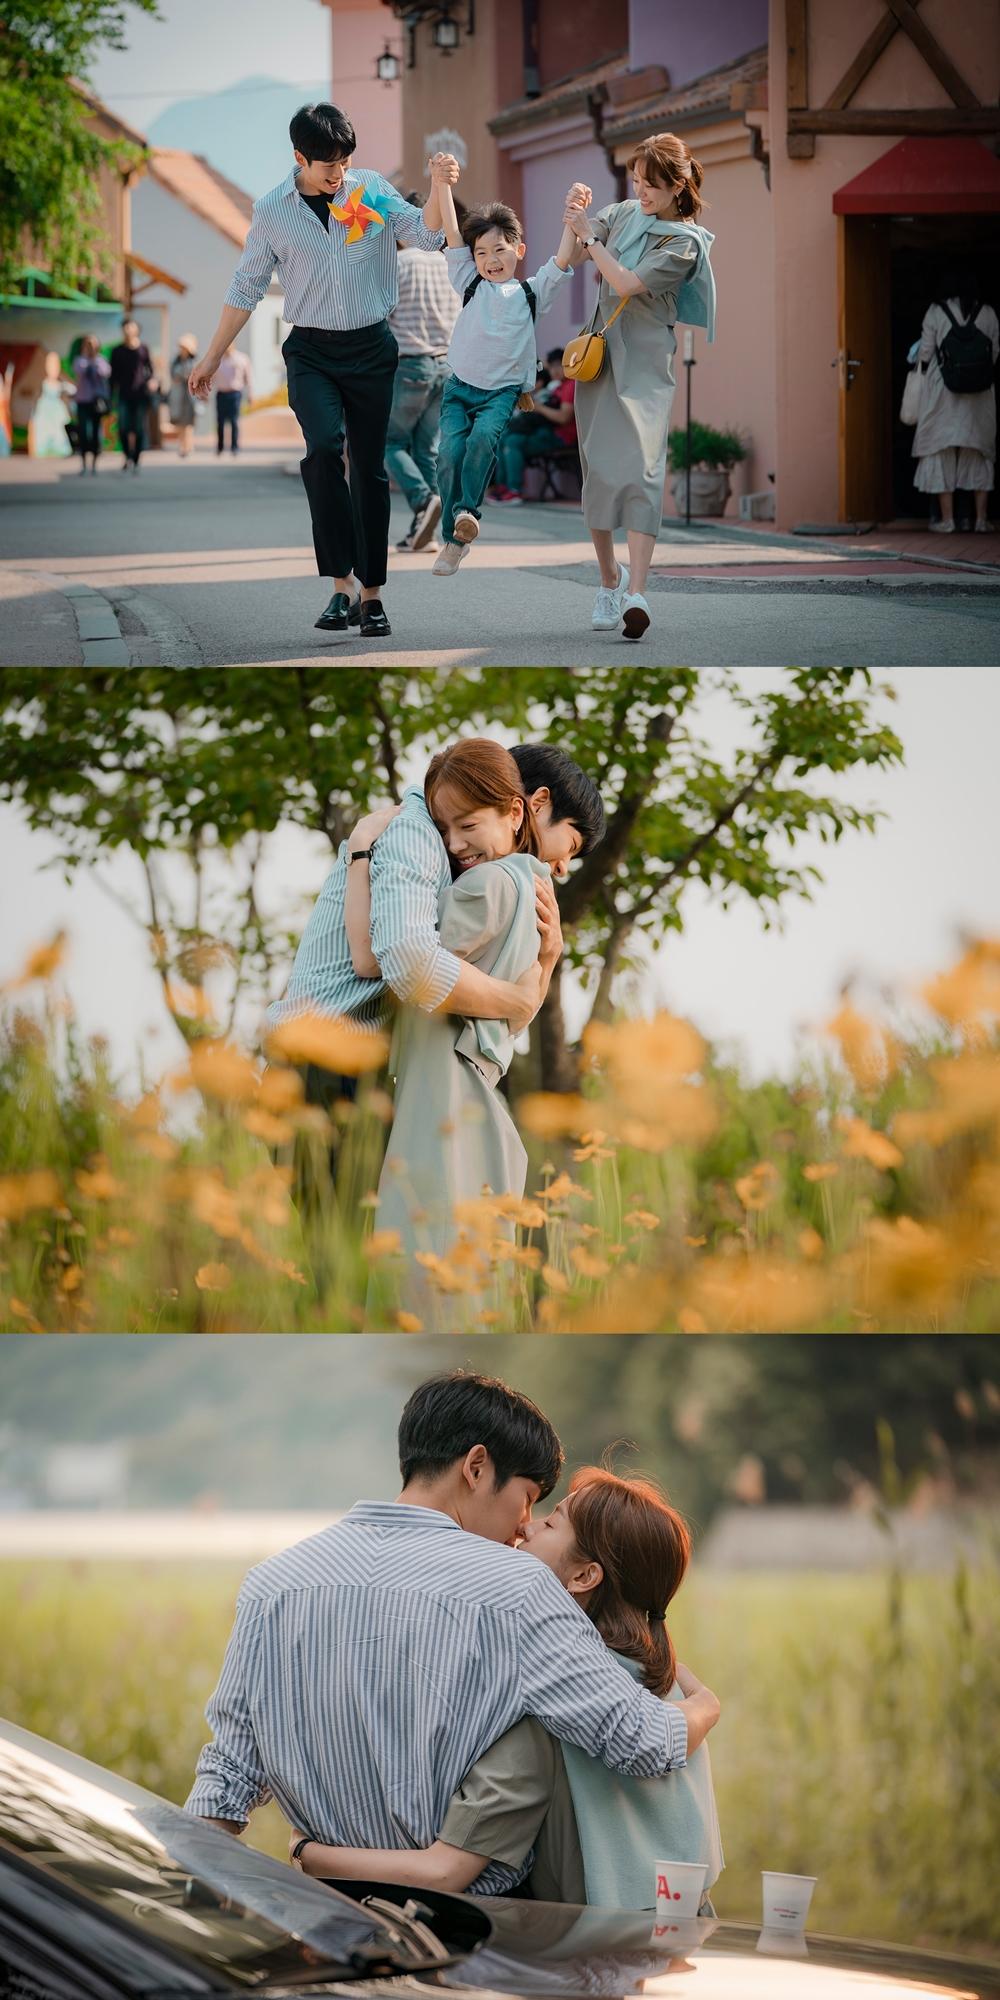 '봄밤' 한지민-정해인, 꽃밭에서의 달콤한 키스 포착 '설렘 지수 UP'